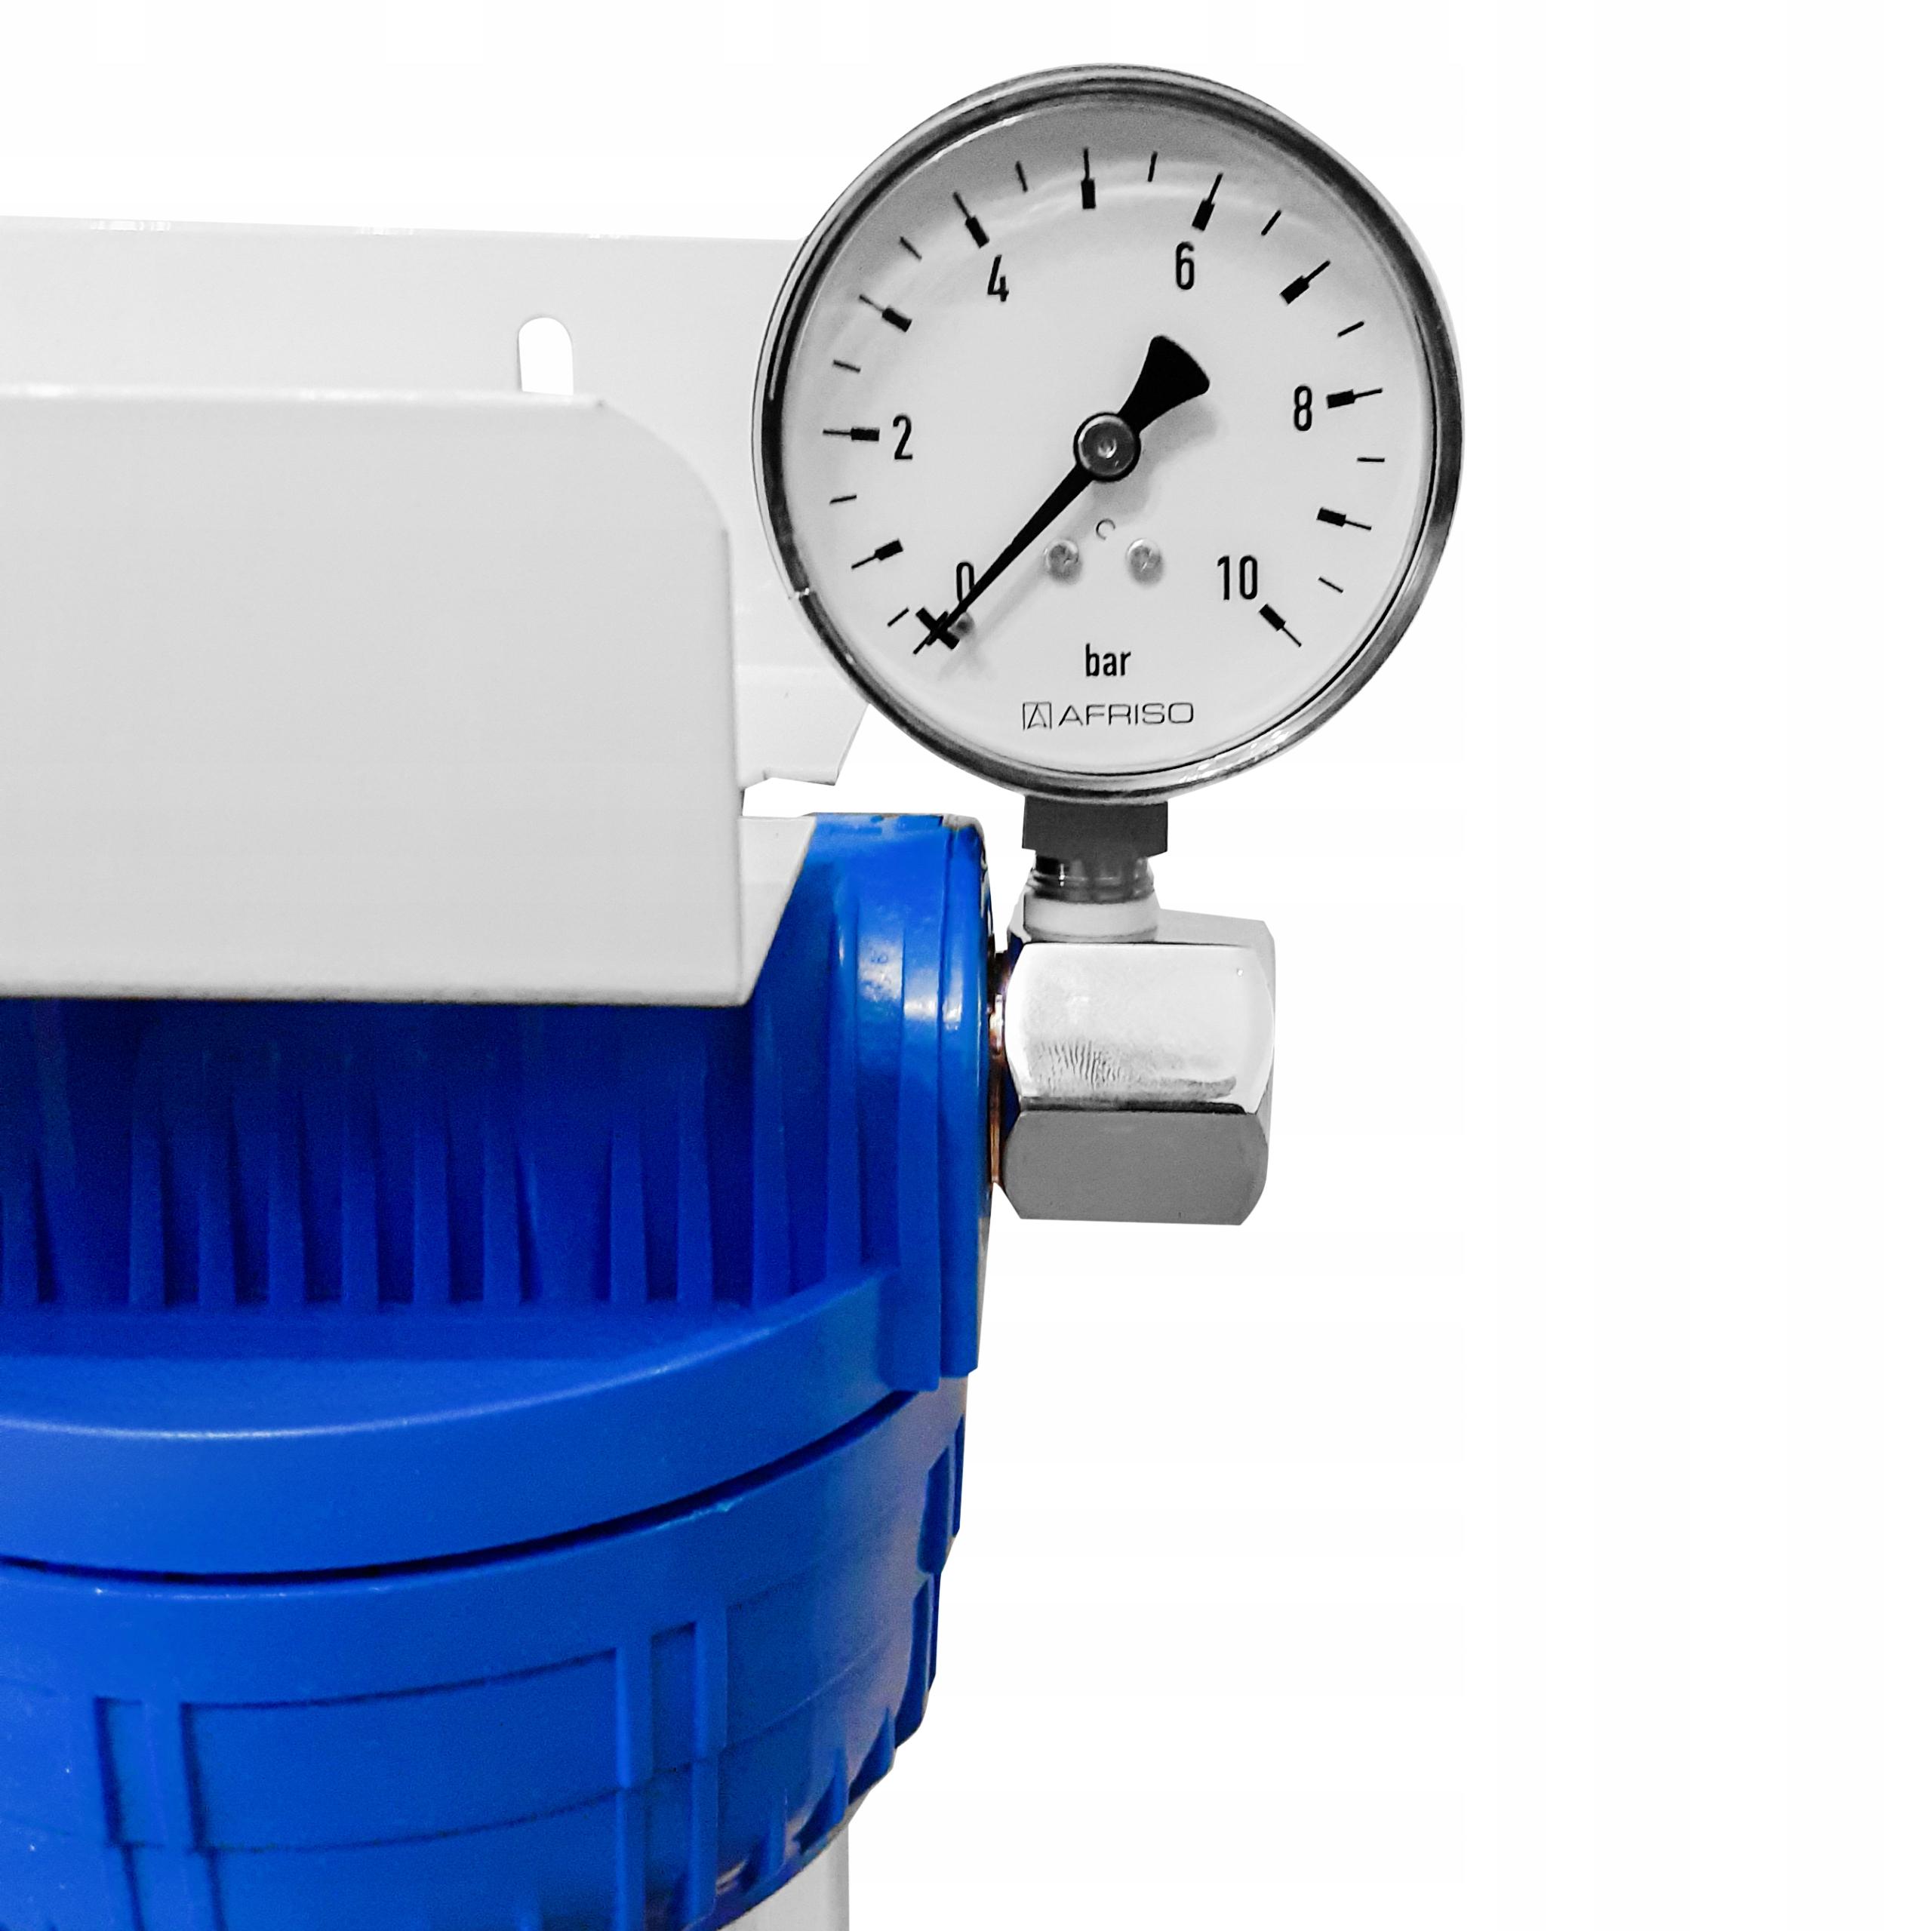 FILTR WODY: CAŁY DOM 3-STOPNIOWY CARBON ZMIĘKCZACZ Kod produktu Filtr potrójny: Wstępny + Węglowy + Zmiękczający